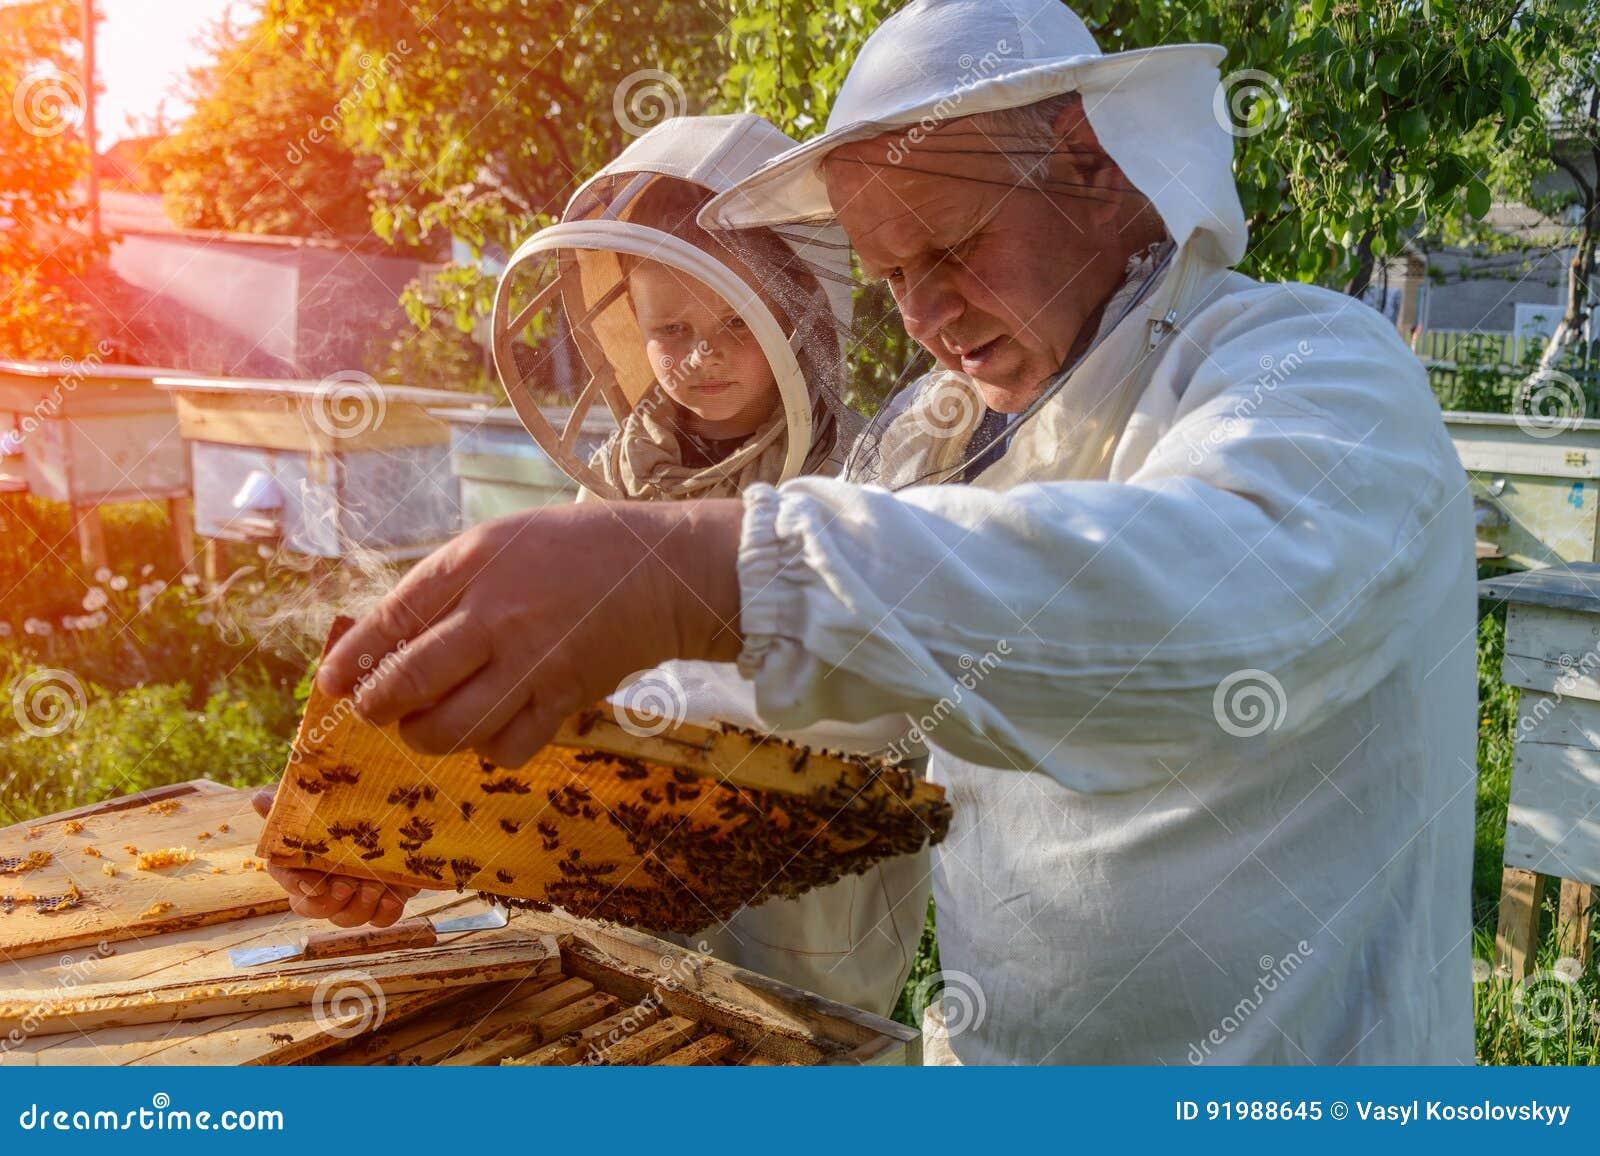 Le grand-père expérimenté d apiculteur enseigne son petit-fils s inquiétant des abeilles Apiculture Le transfert de l expérience